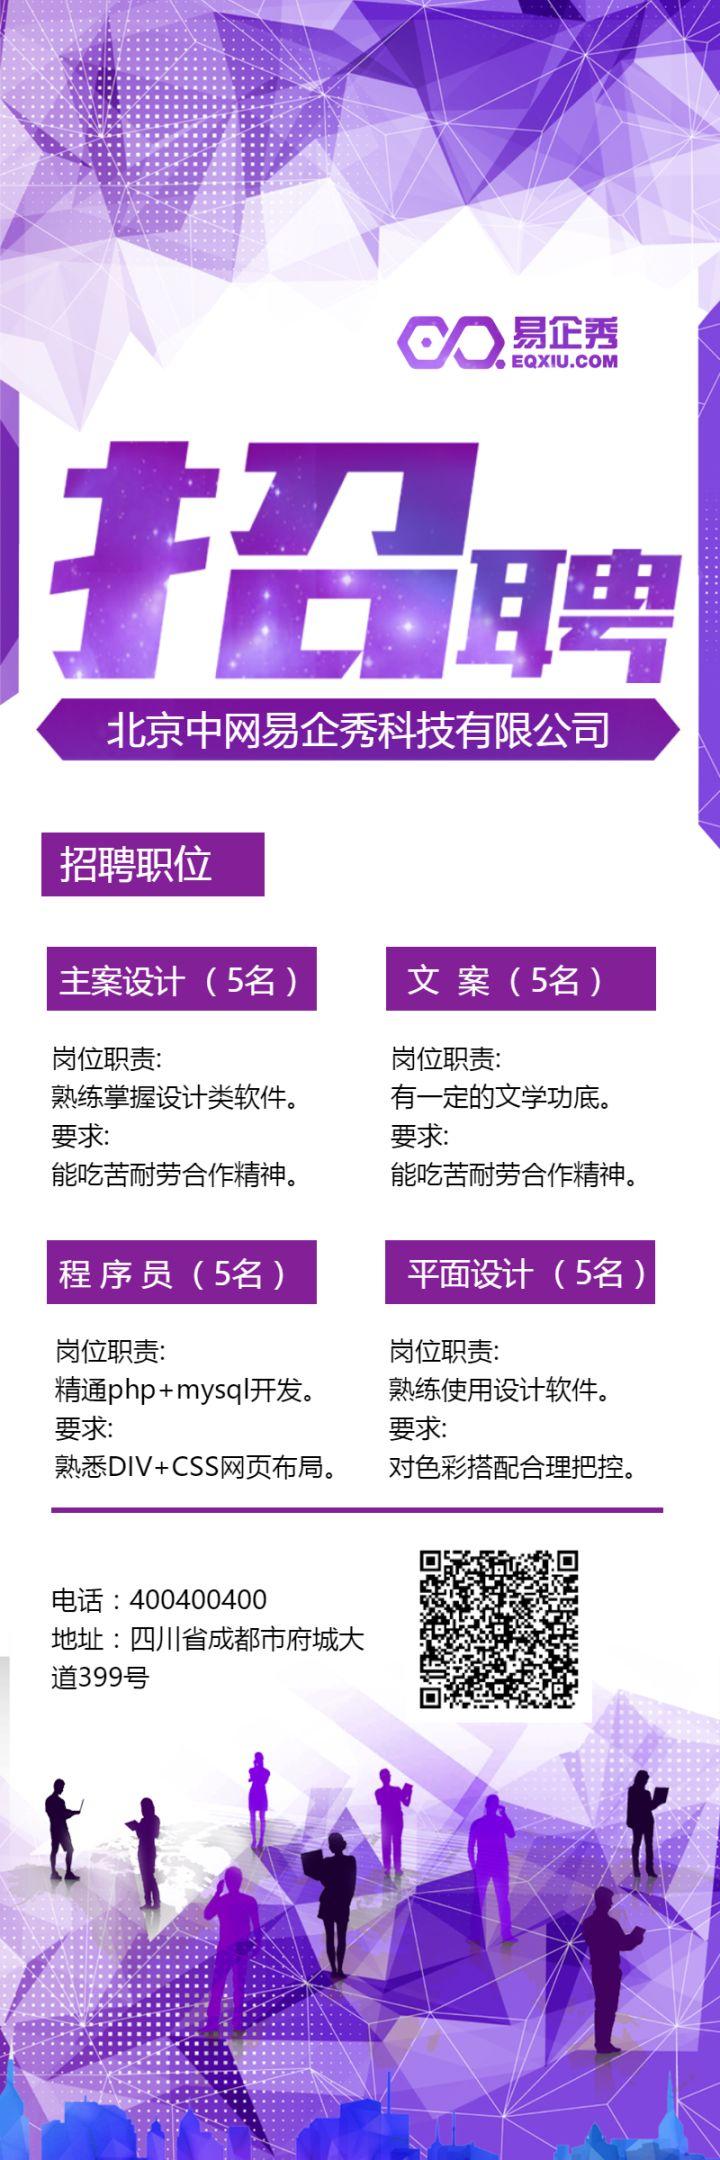 紫色科技感公司企业人才招聘